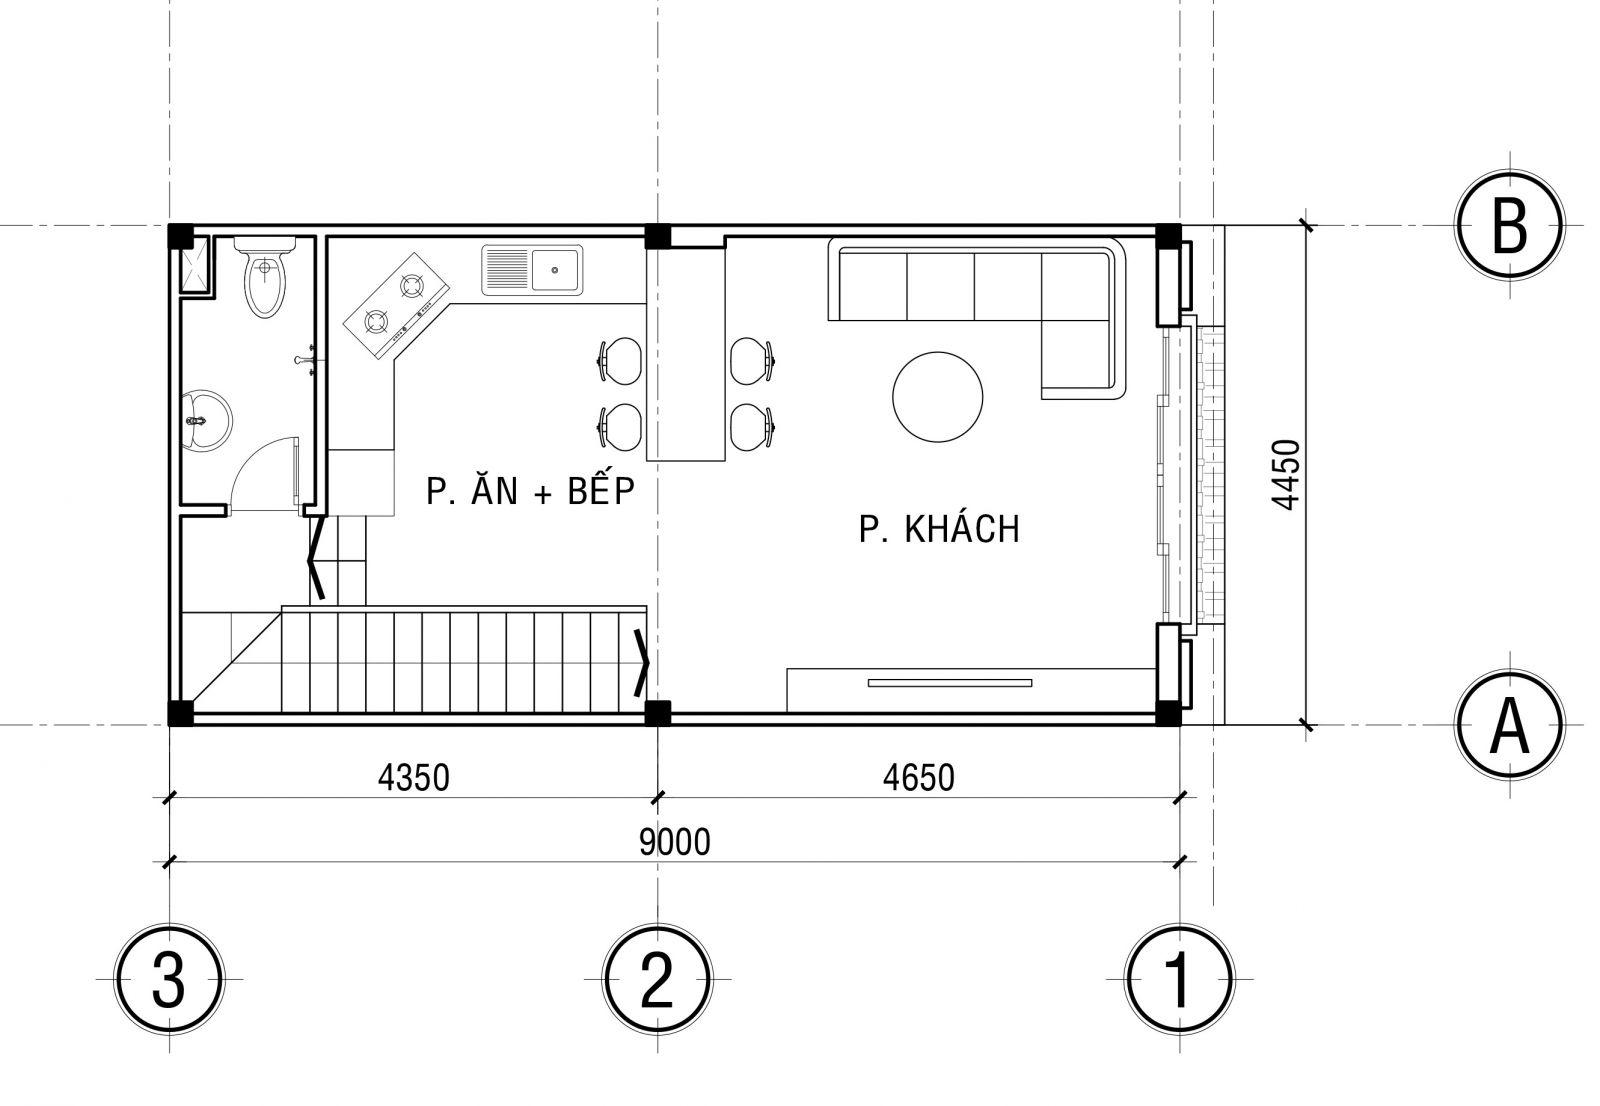 mẫu thiết kế Nhà phố hiện đại 9x4,5m 3 phòng ngủ